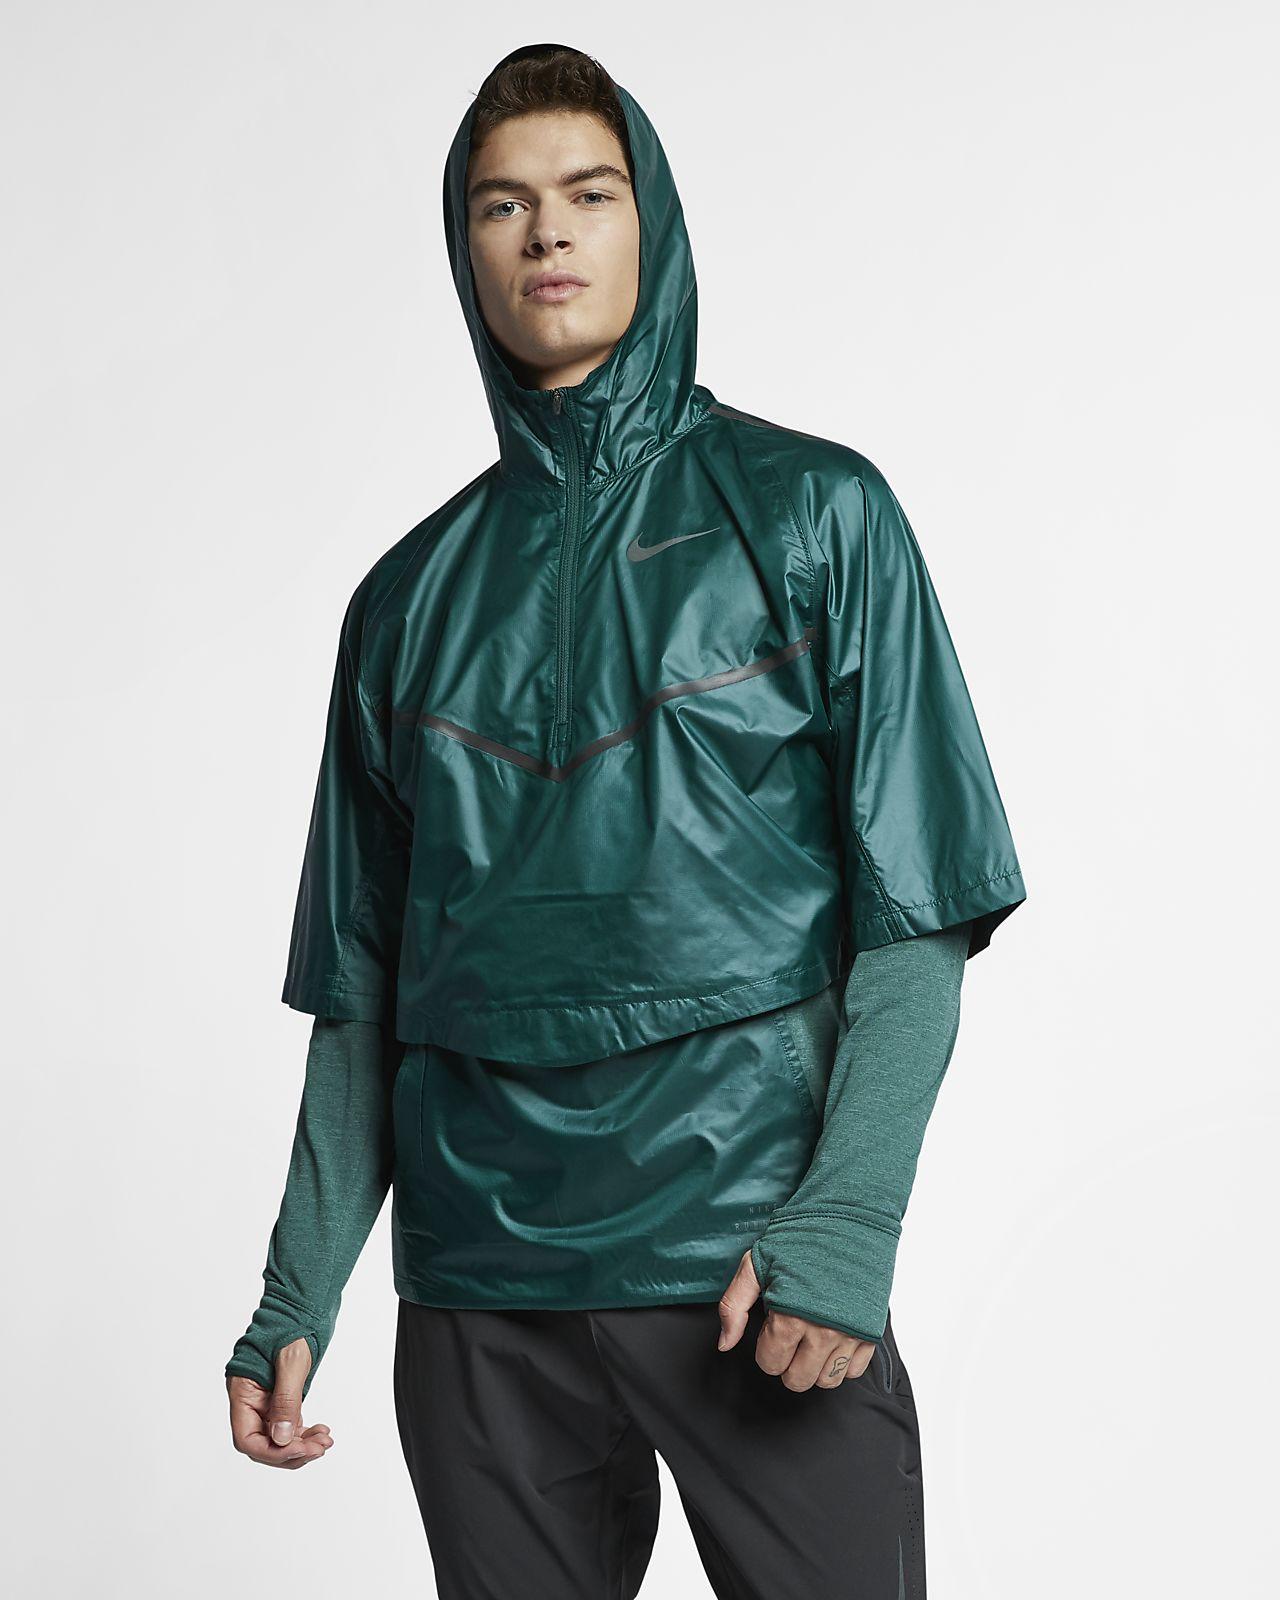 Nike Sphere Transform Erkek Koşu Üstü